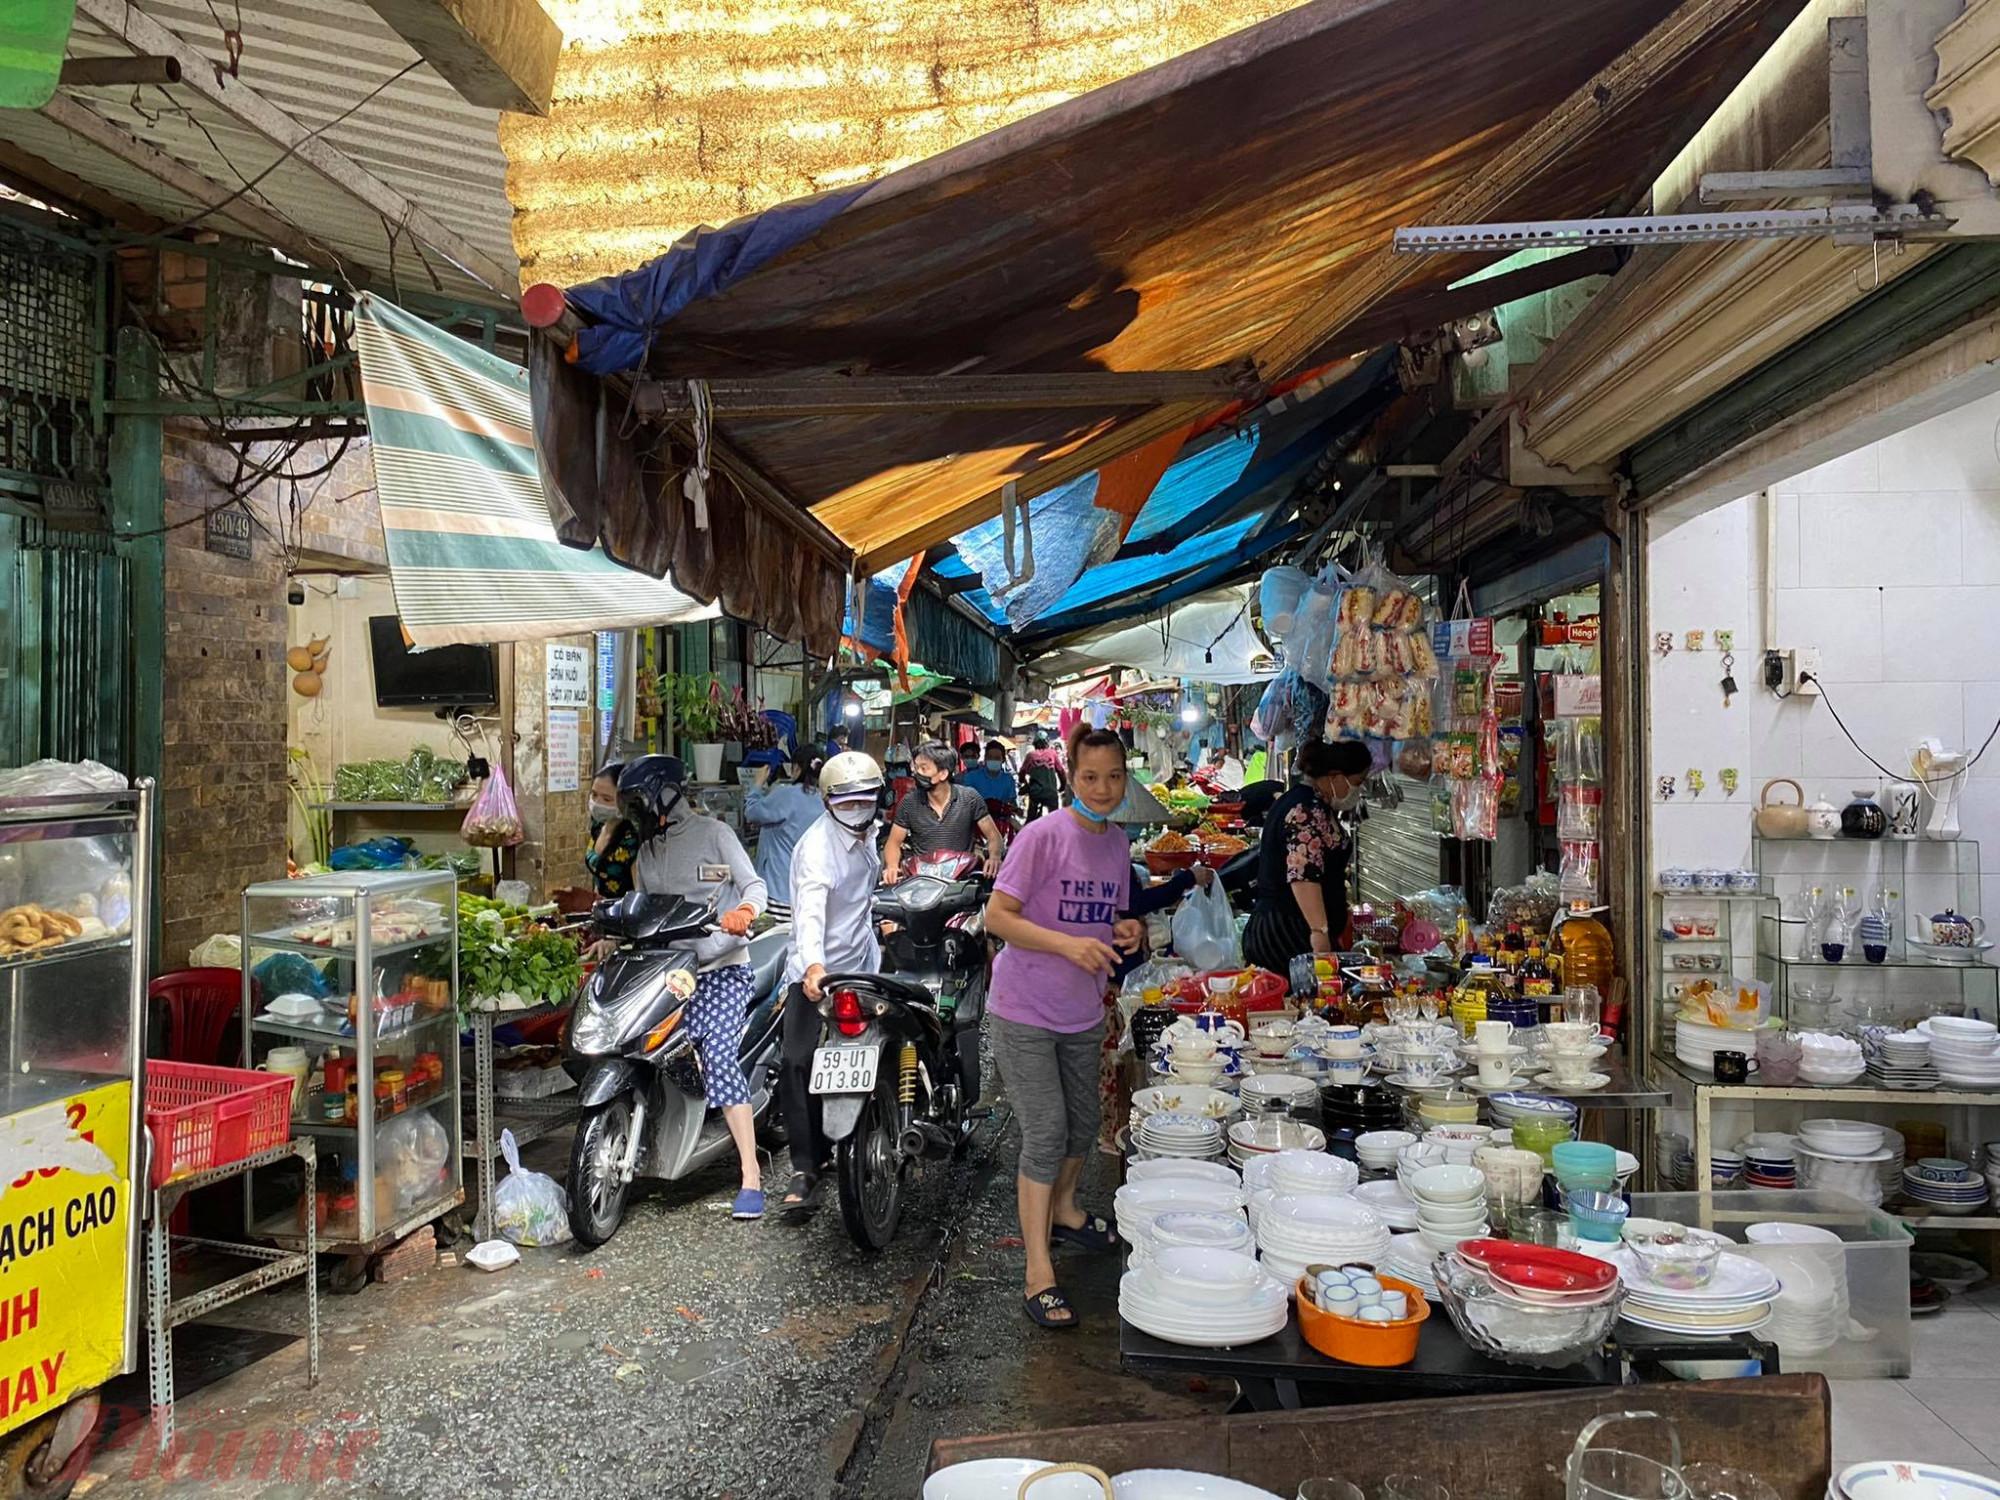 Tiểu thương tại chợ Vườn Chuối (Q.3) - khu vực từng có ca nhiễm dịch, vẫn lơ là phòng dịch, không đeo khẩu trang đúng cách.